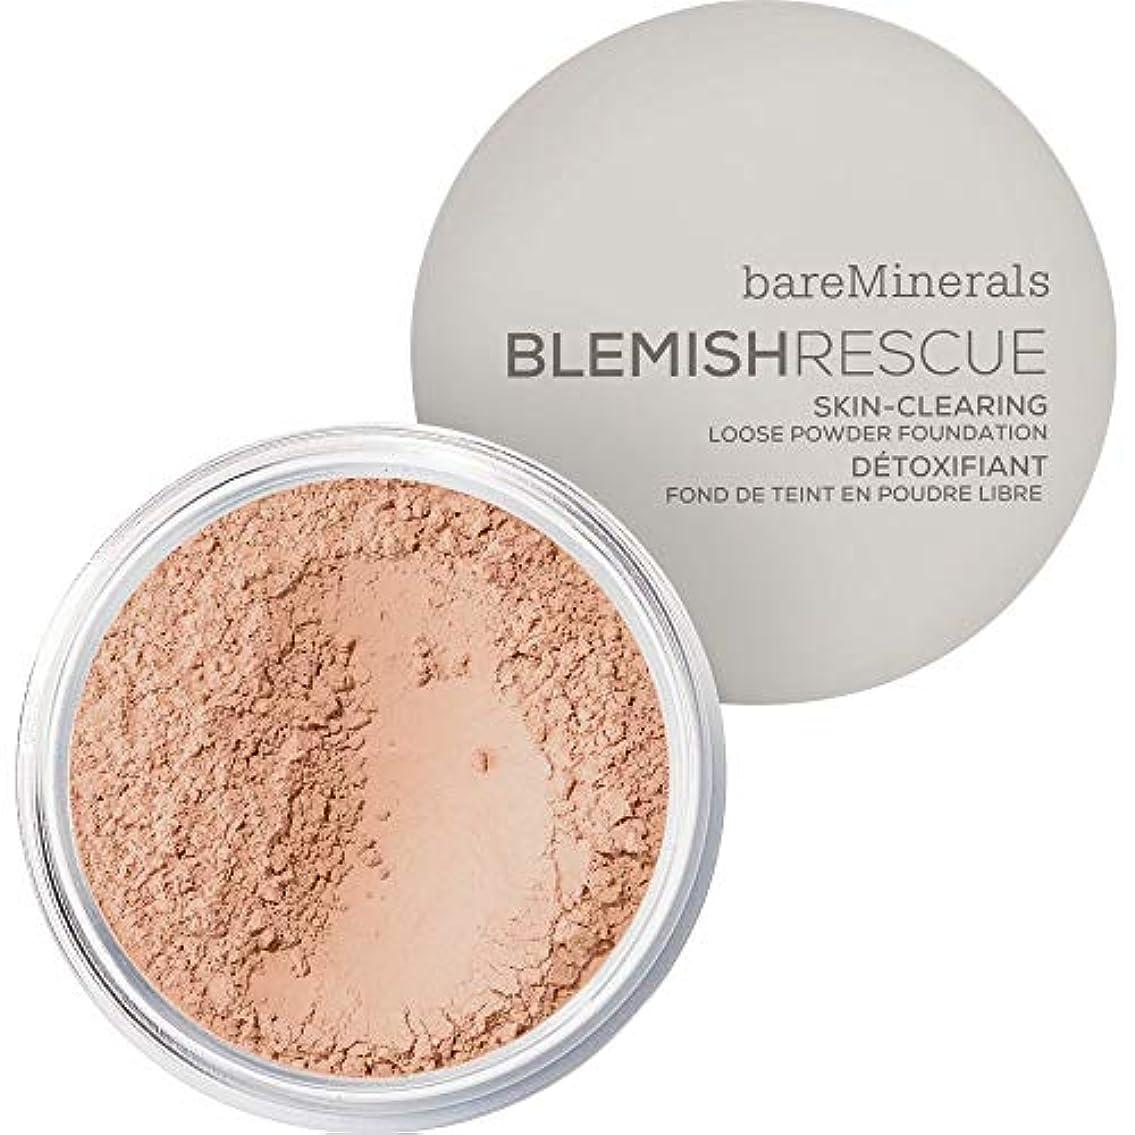 罰好ましい夕食を食べる[bareMinerals ] メディア - ベアミネラルは、レスキュースキンクリア緩いパウダーファンデーションの6グラム3Cは傷 - bareMinerals Blemish Rescue Skin-Clearing Loose Powder Foundation 6g 3C - Medium [並行輸入品]